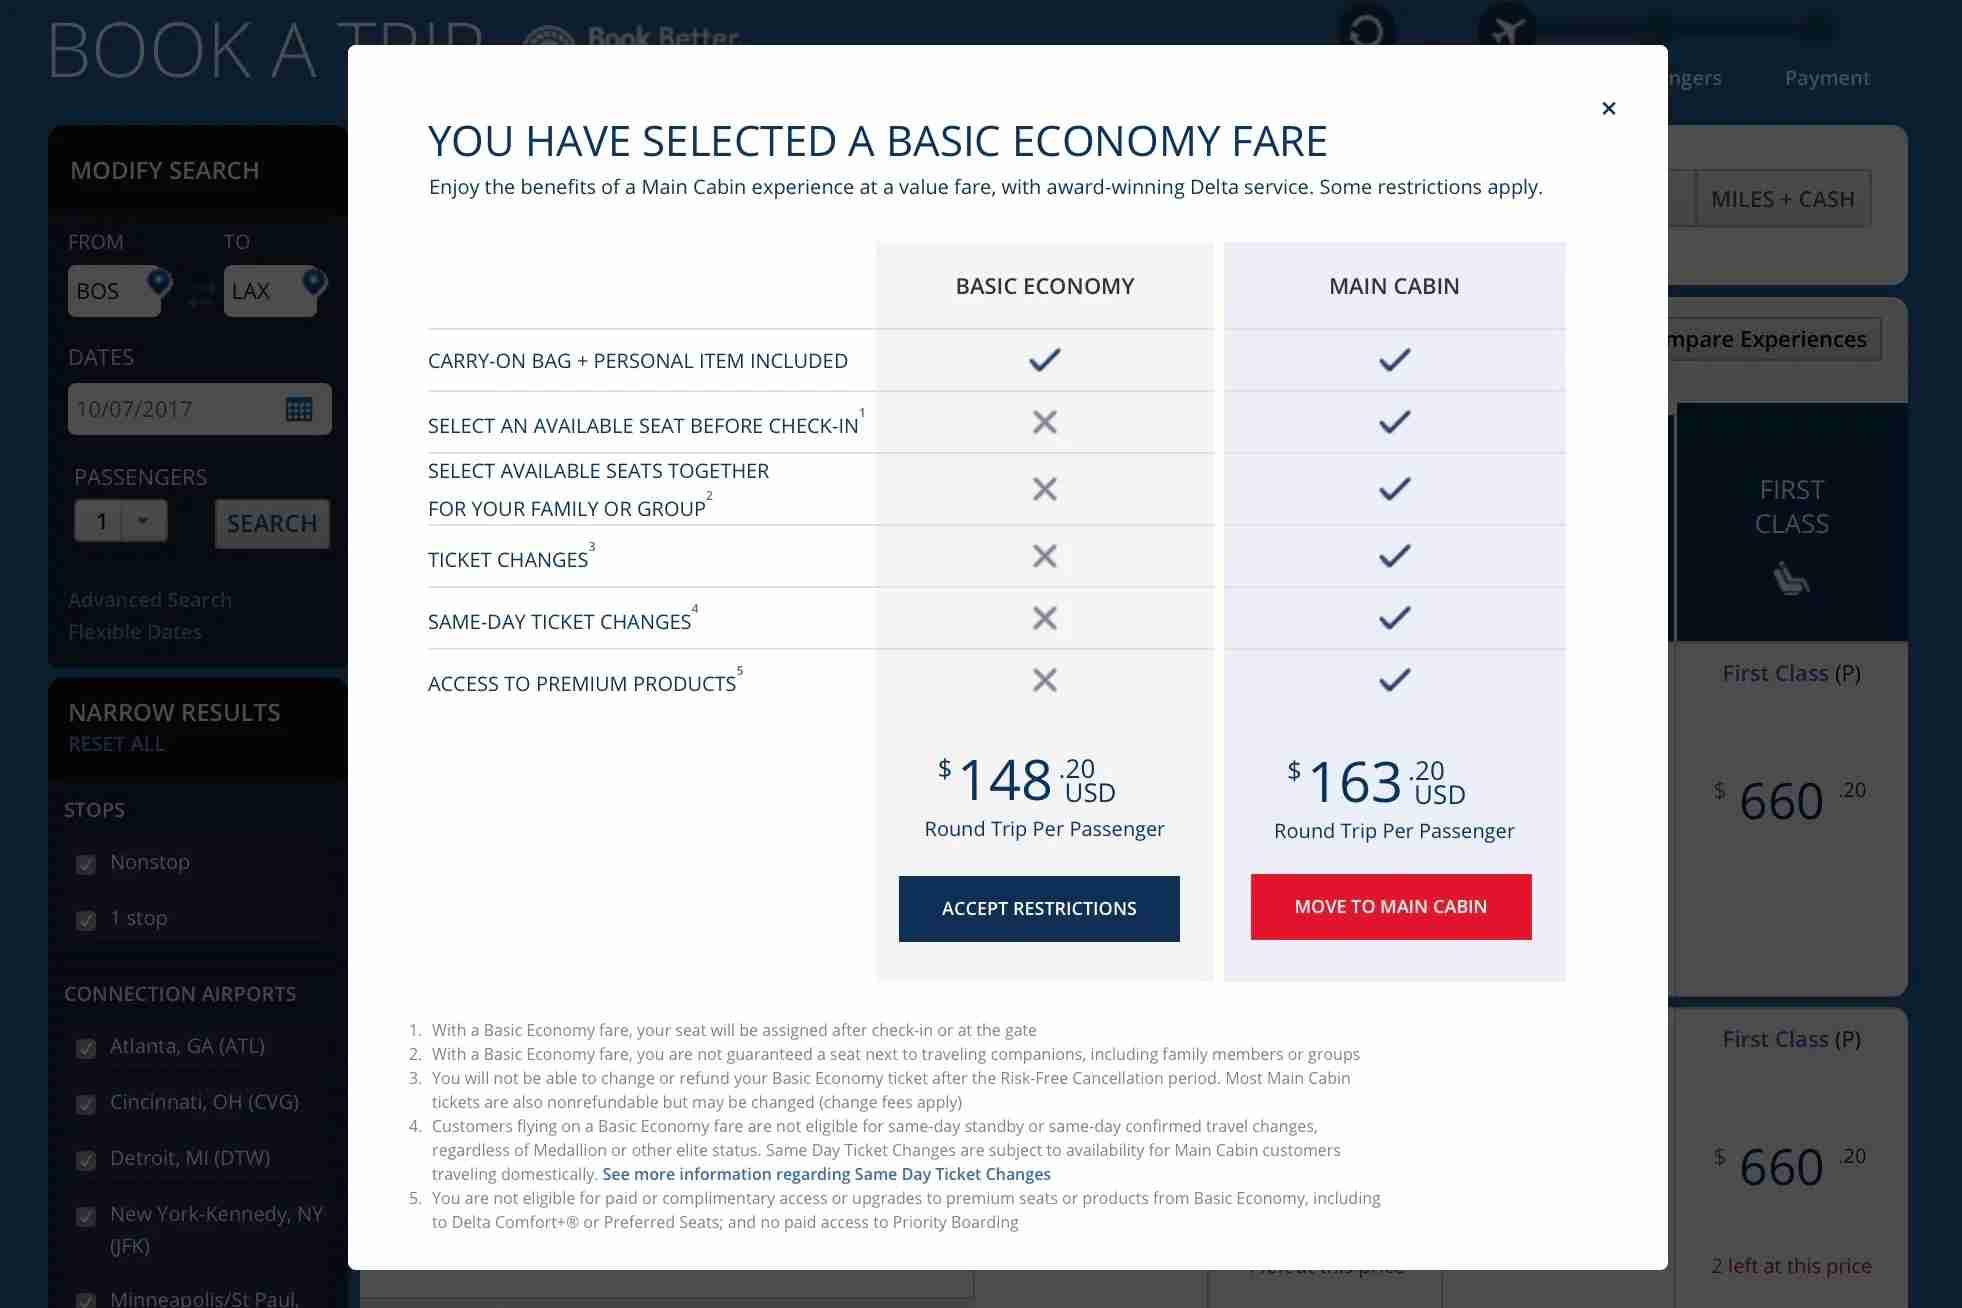 Delta Basic Economy - 3